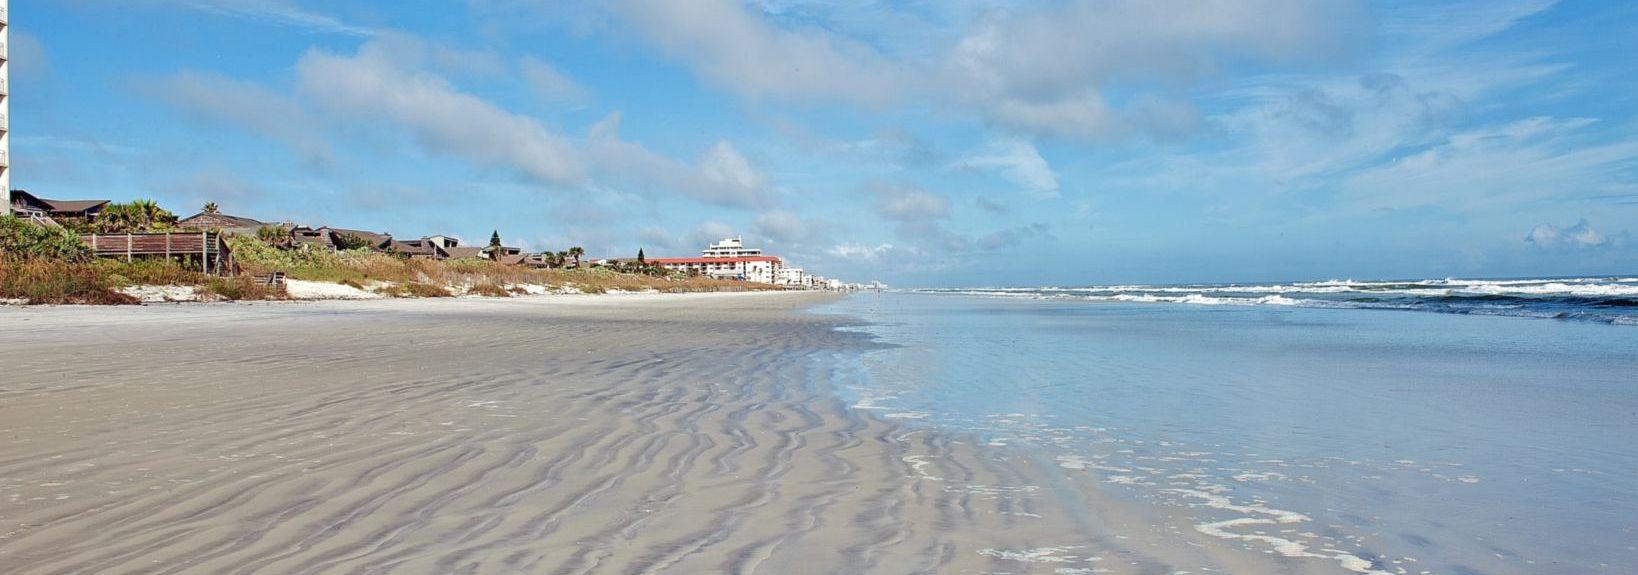 New Symrna Beach >> Smyrna Beach Club New Smyrna Beach Vacation Rentals Homeaway